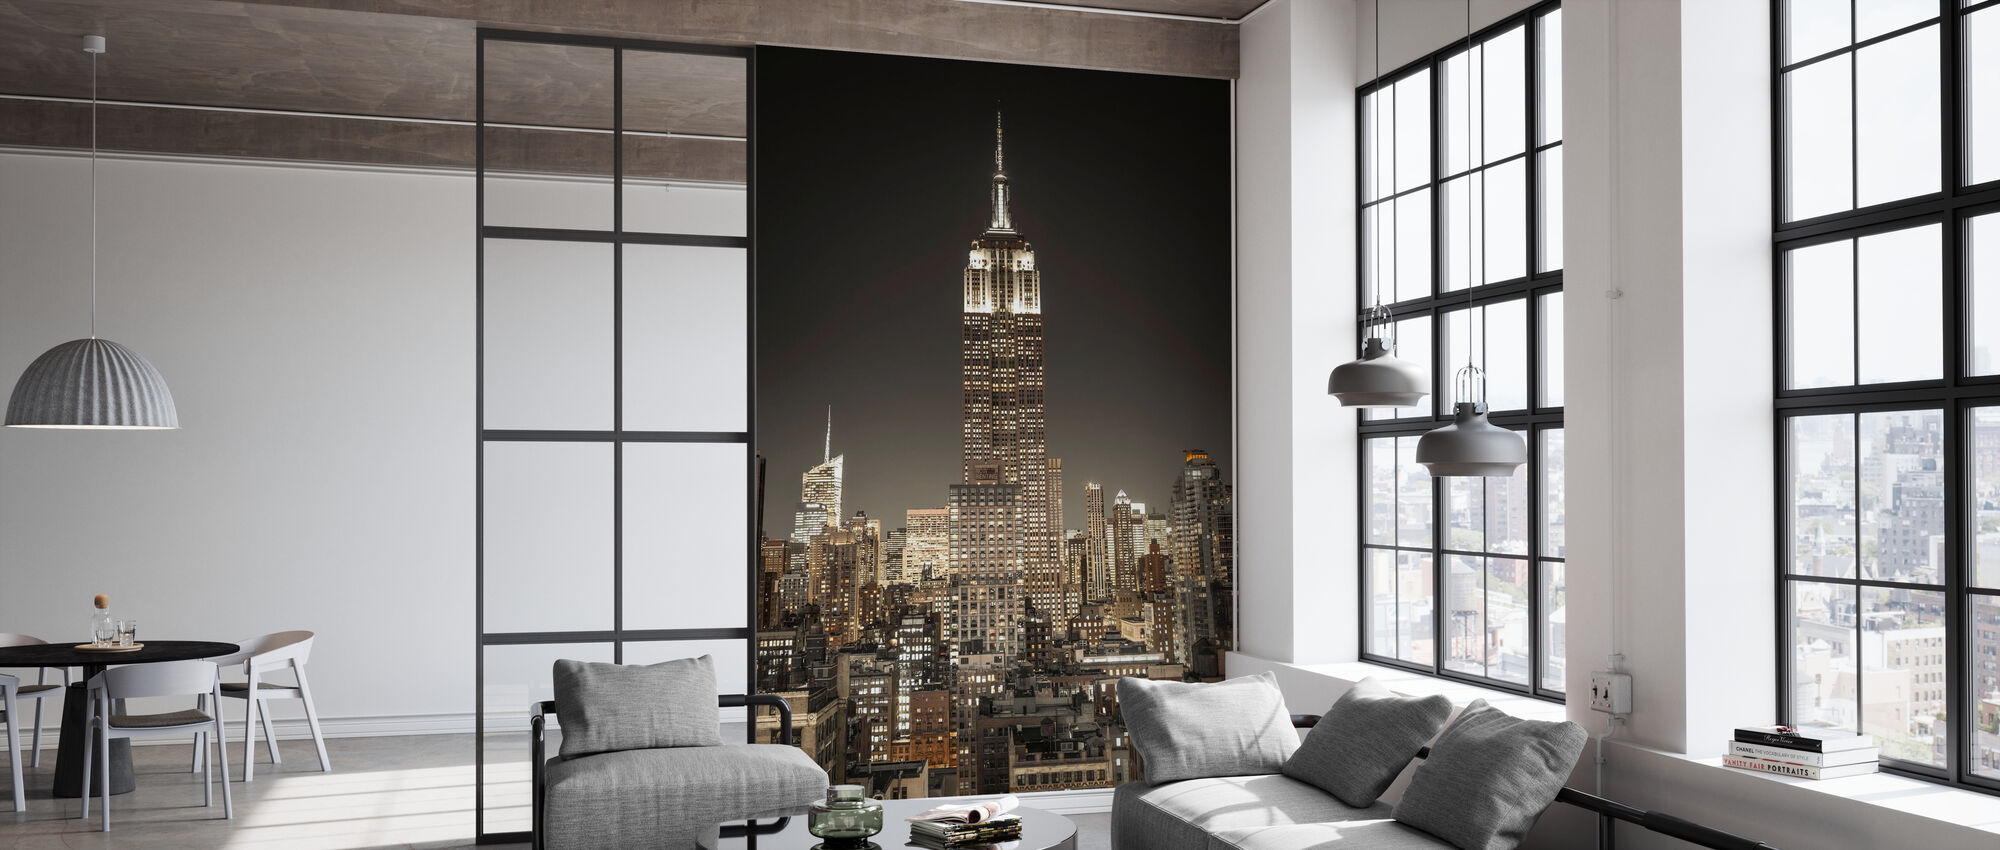 Beleuchtet New York - Dunkel - Tapete - Büro